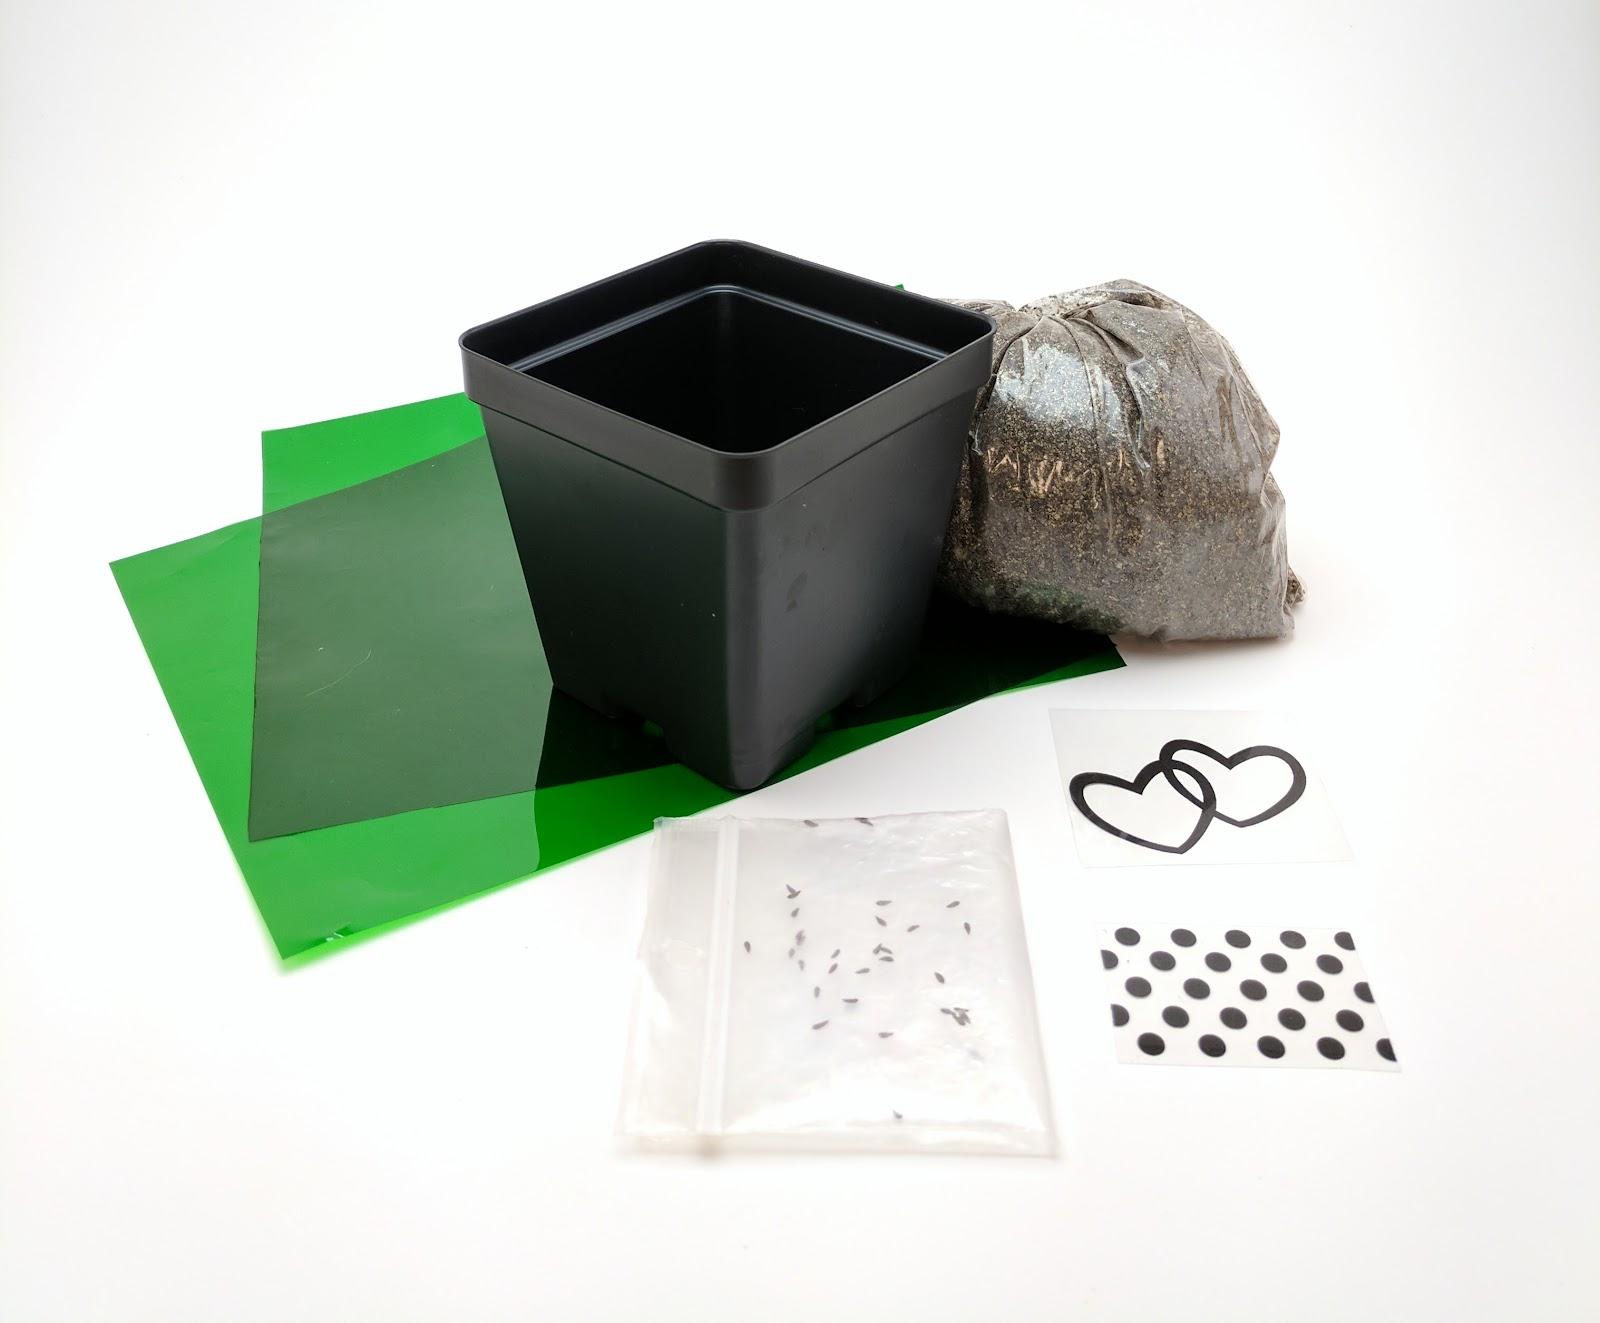 Veg-A-Sketch kit